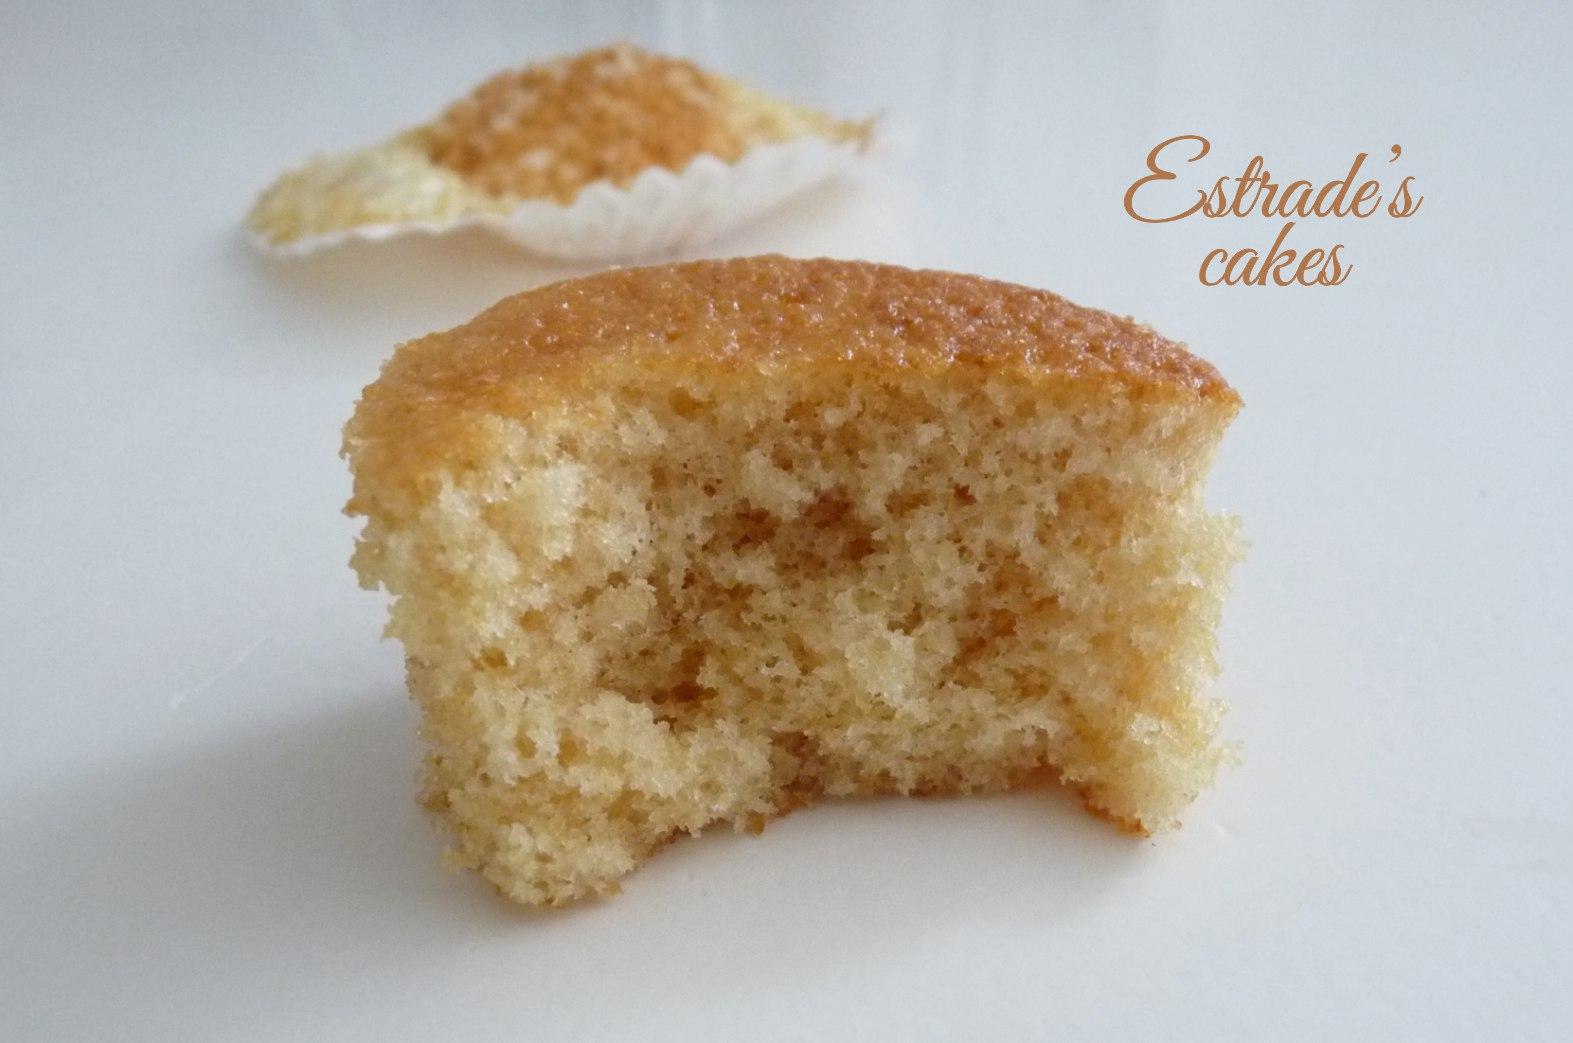 receta de cupcakes leche caliente - 4